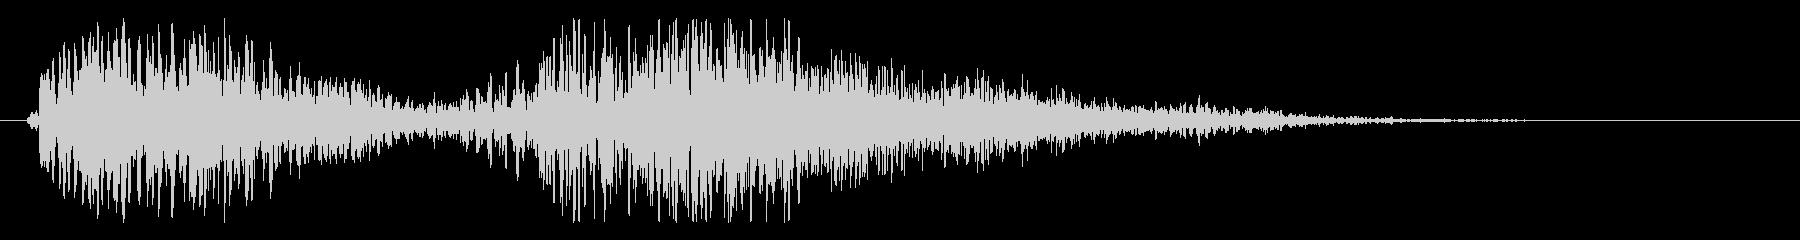 ヘビーメタルインパクトの未再生の波形